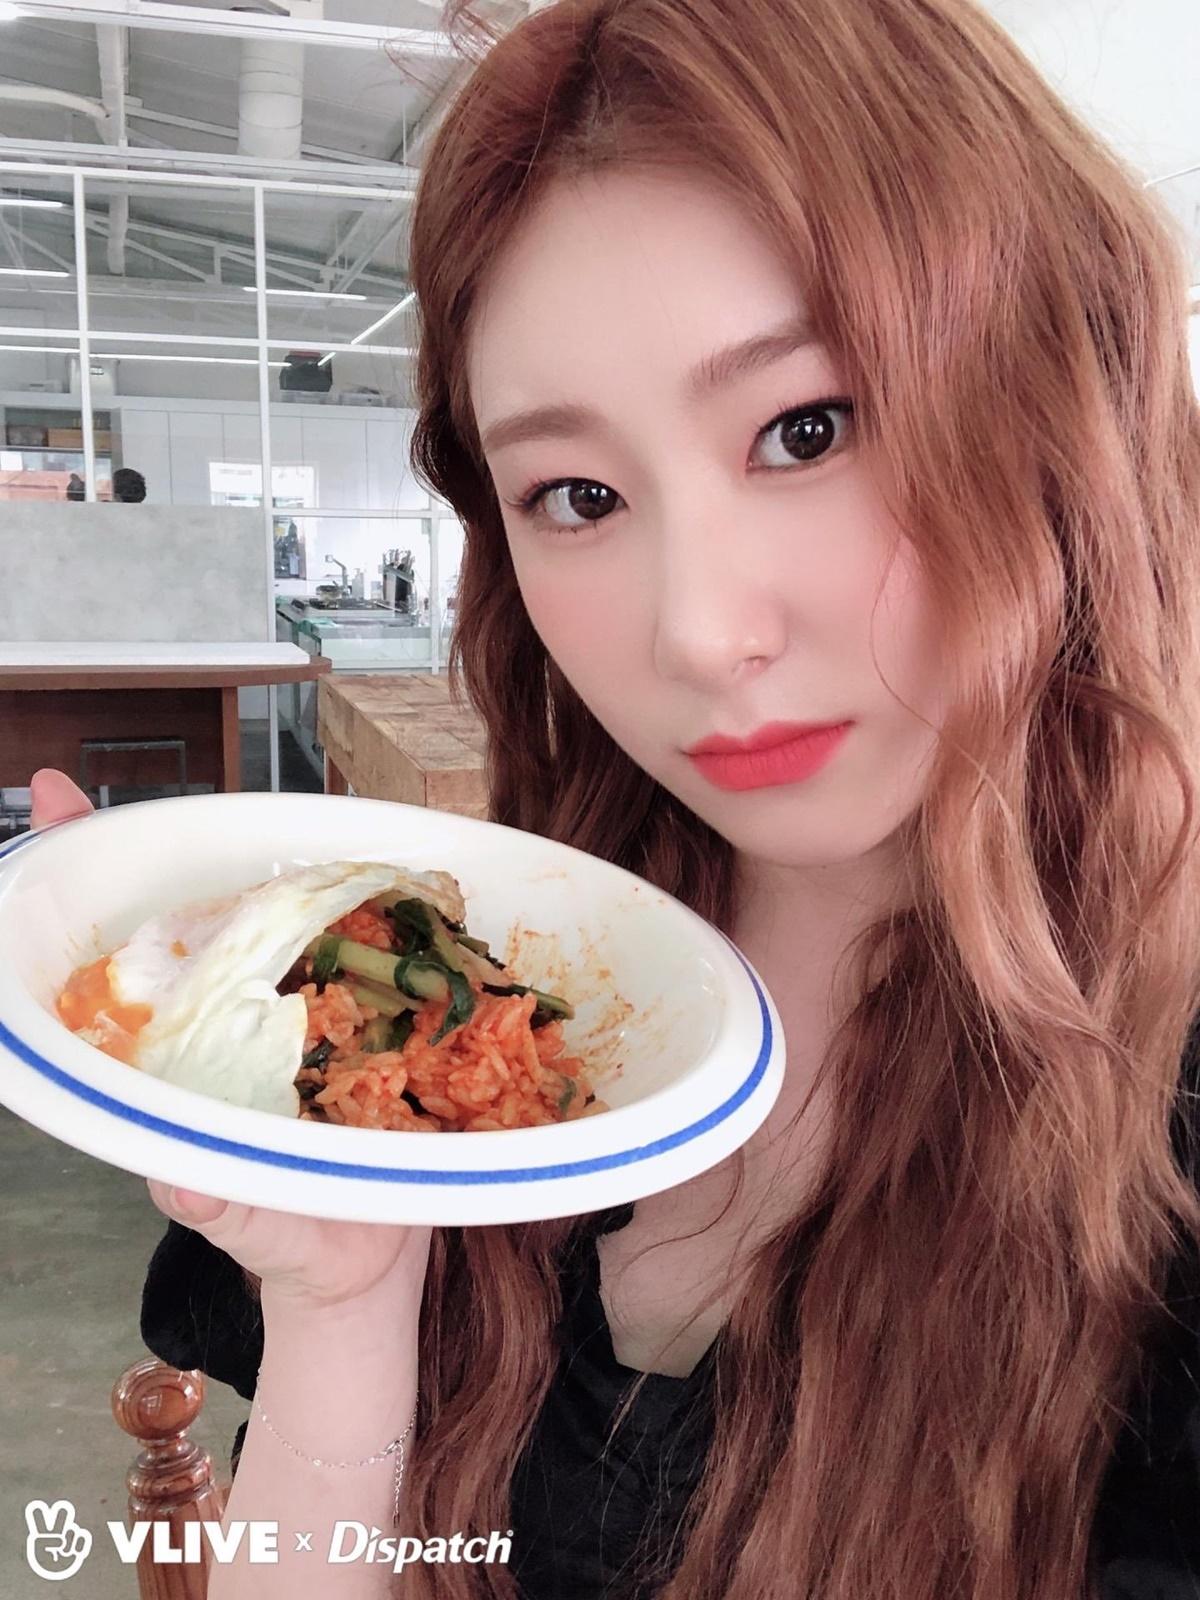 Sau thời gian bị chê bai về nhan sắc, Chae Ryeong ngày càng xinh đẹp.